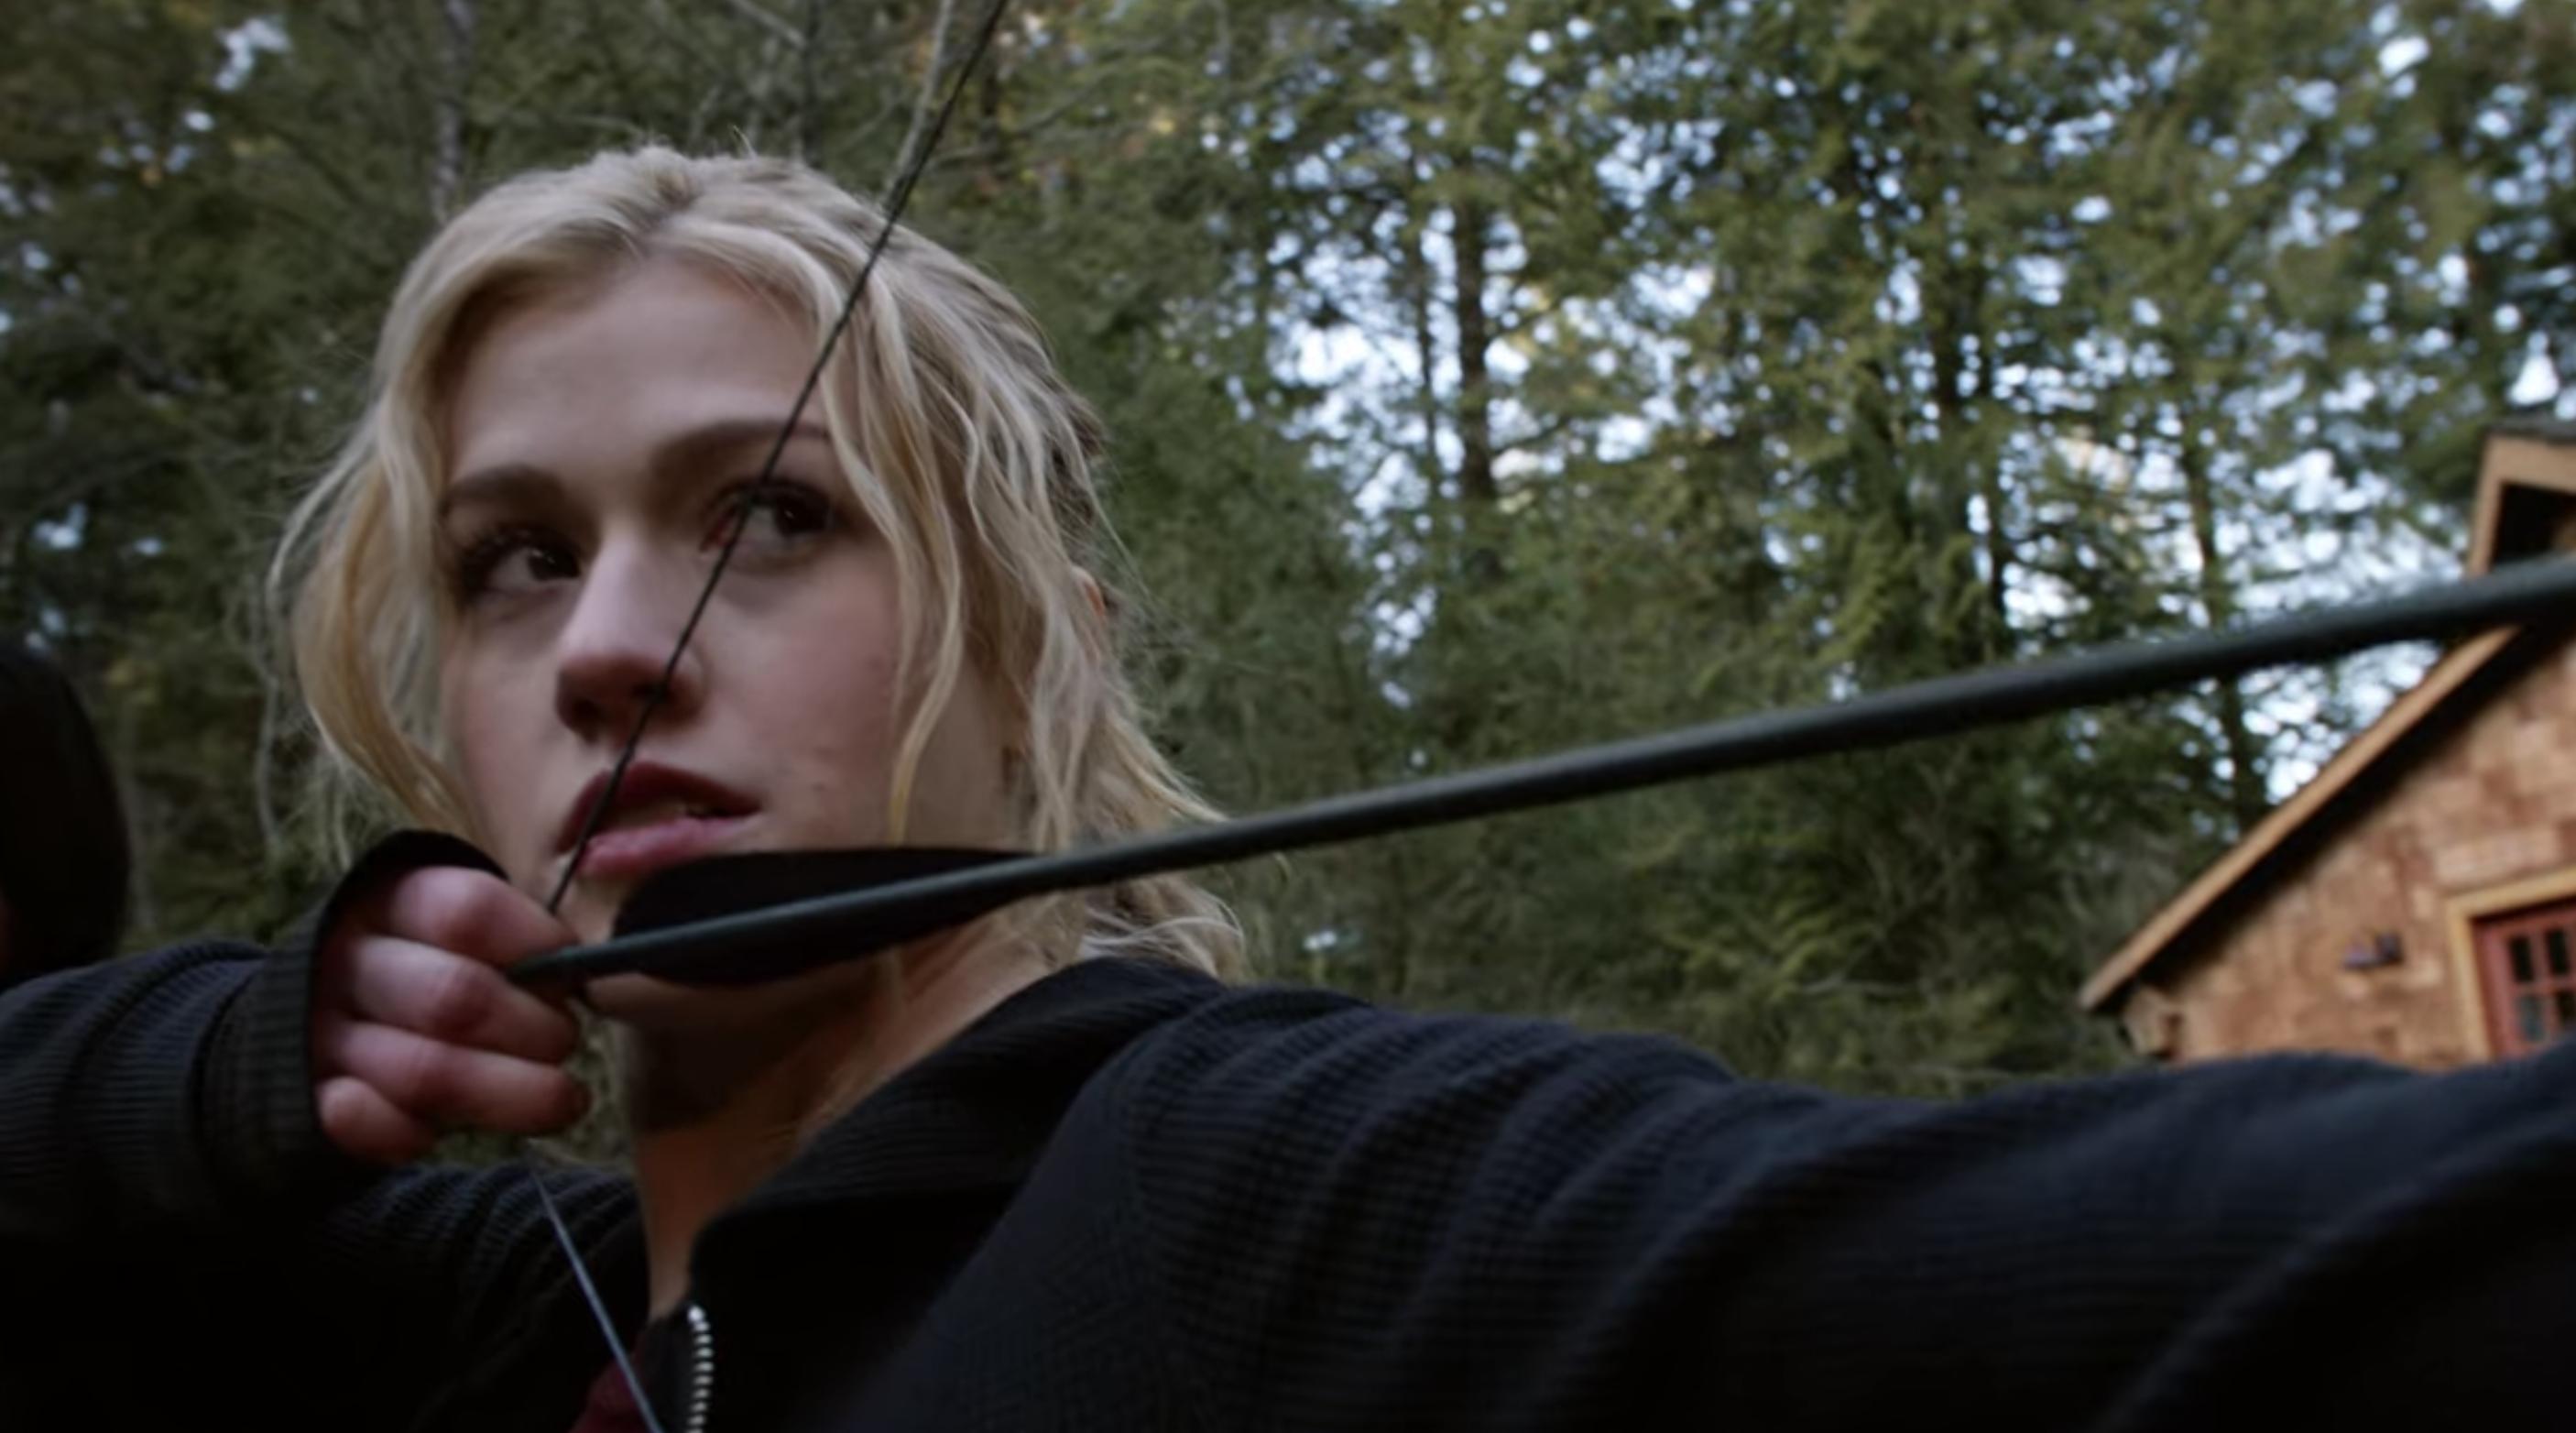 Mia shooting an arrow